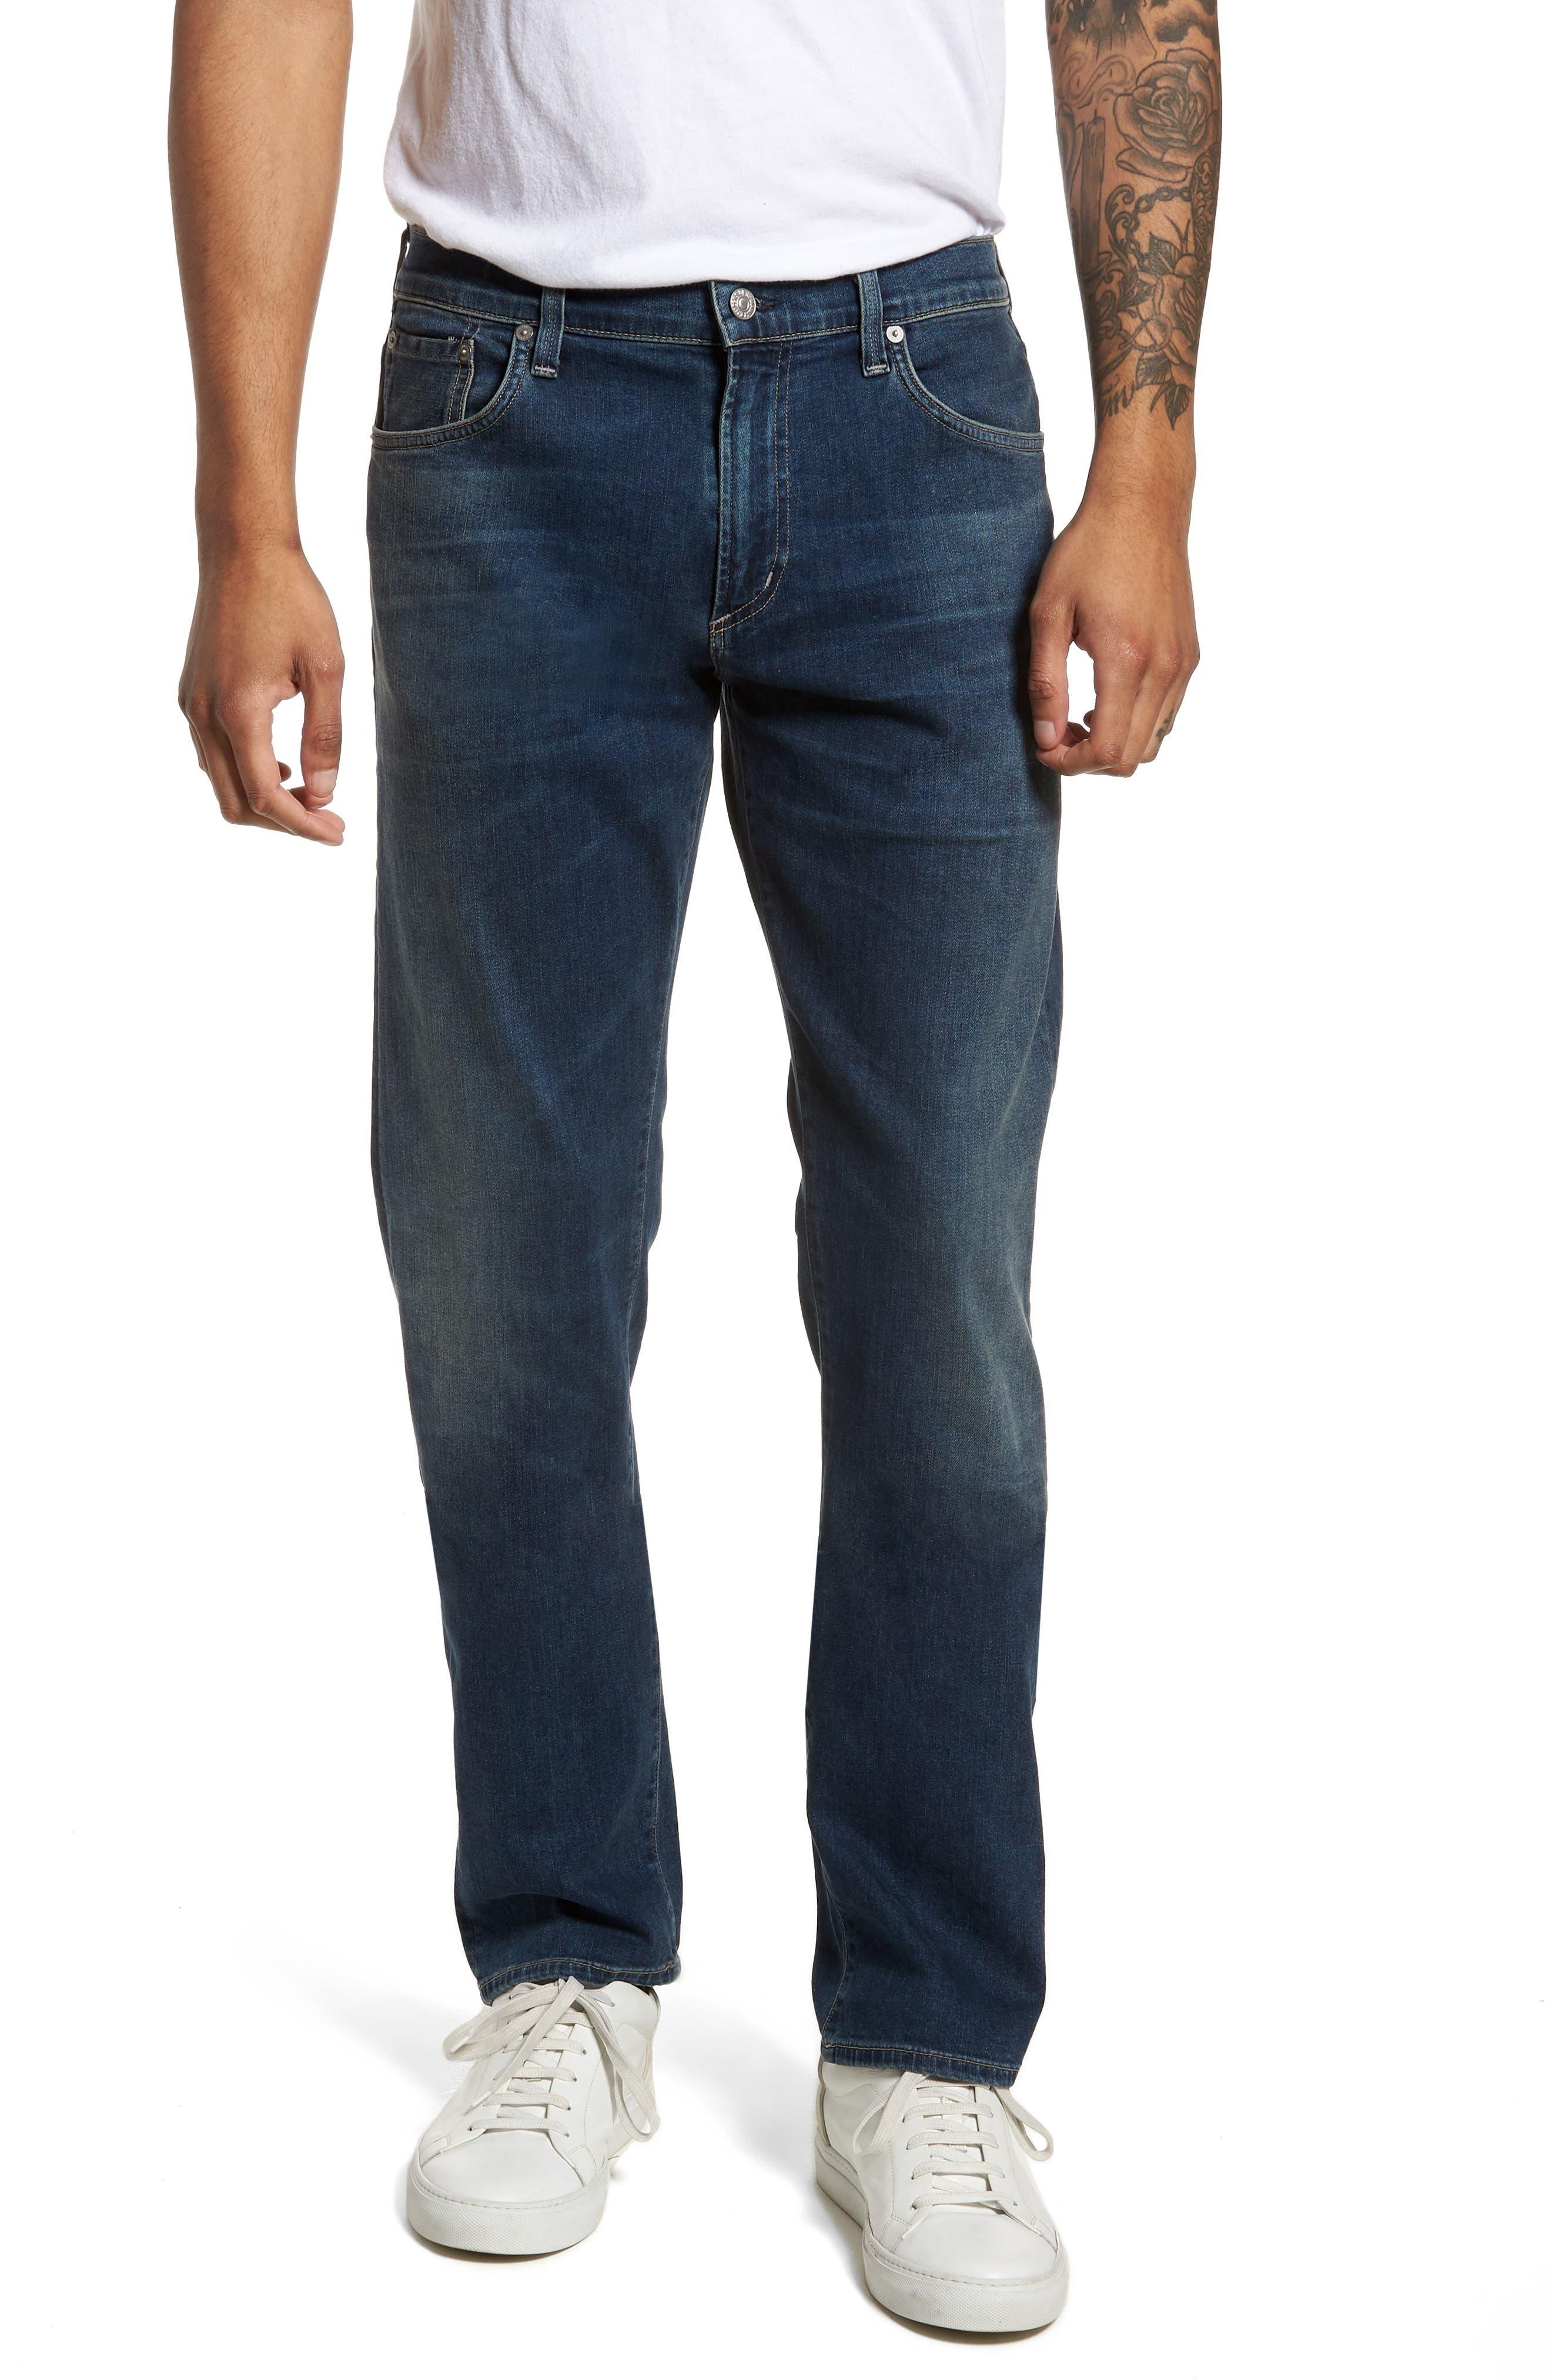 Core Slim Fit Jeans,                         Main,                         color, Unison